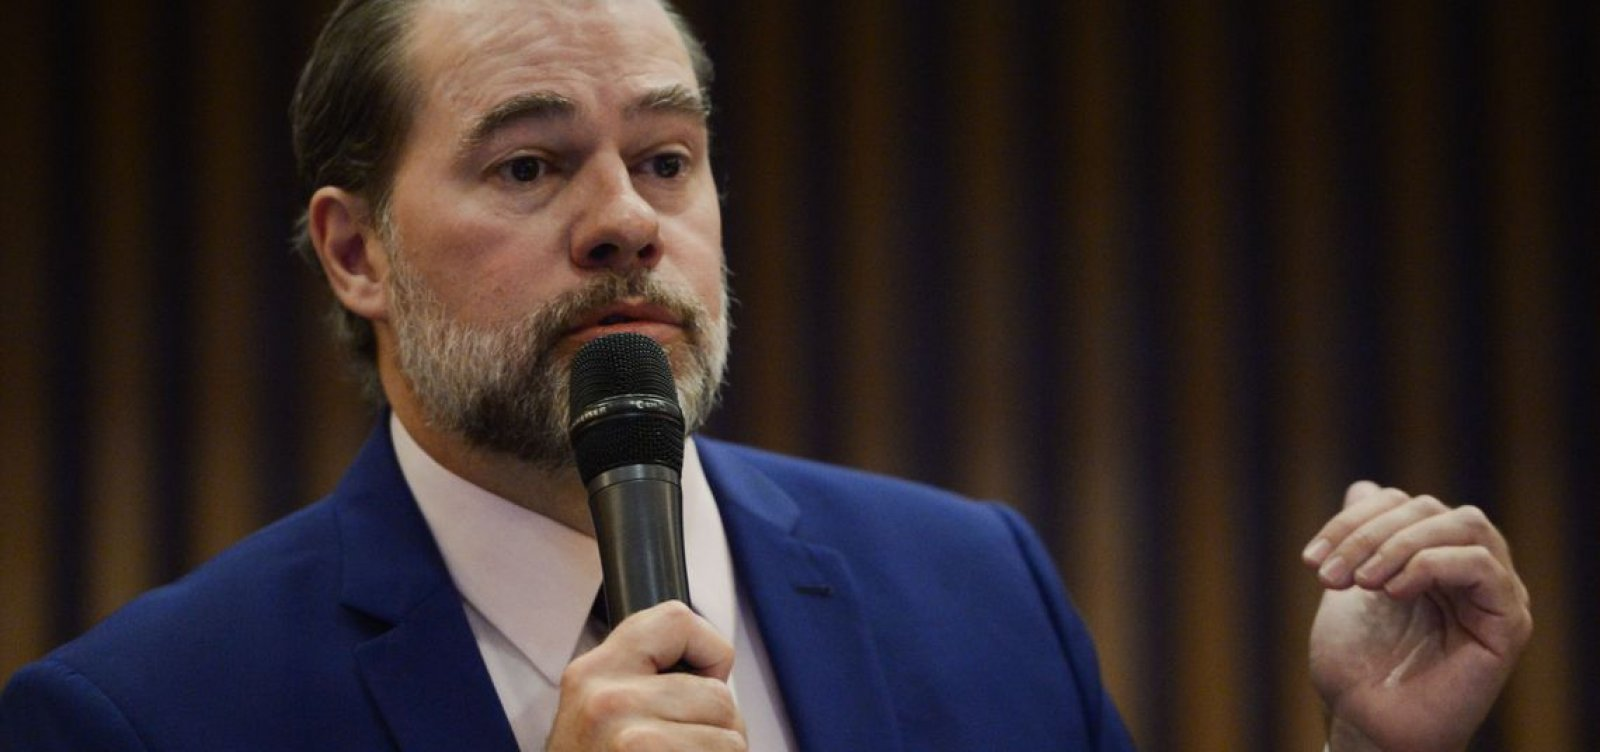 'Afronta à Constituição e ao sistema penal', diz ex-procurador-geral da República sobre inquérito de Toffoli